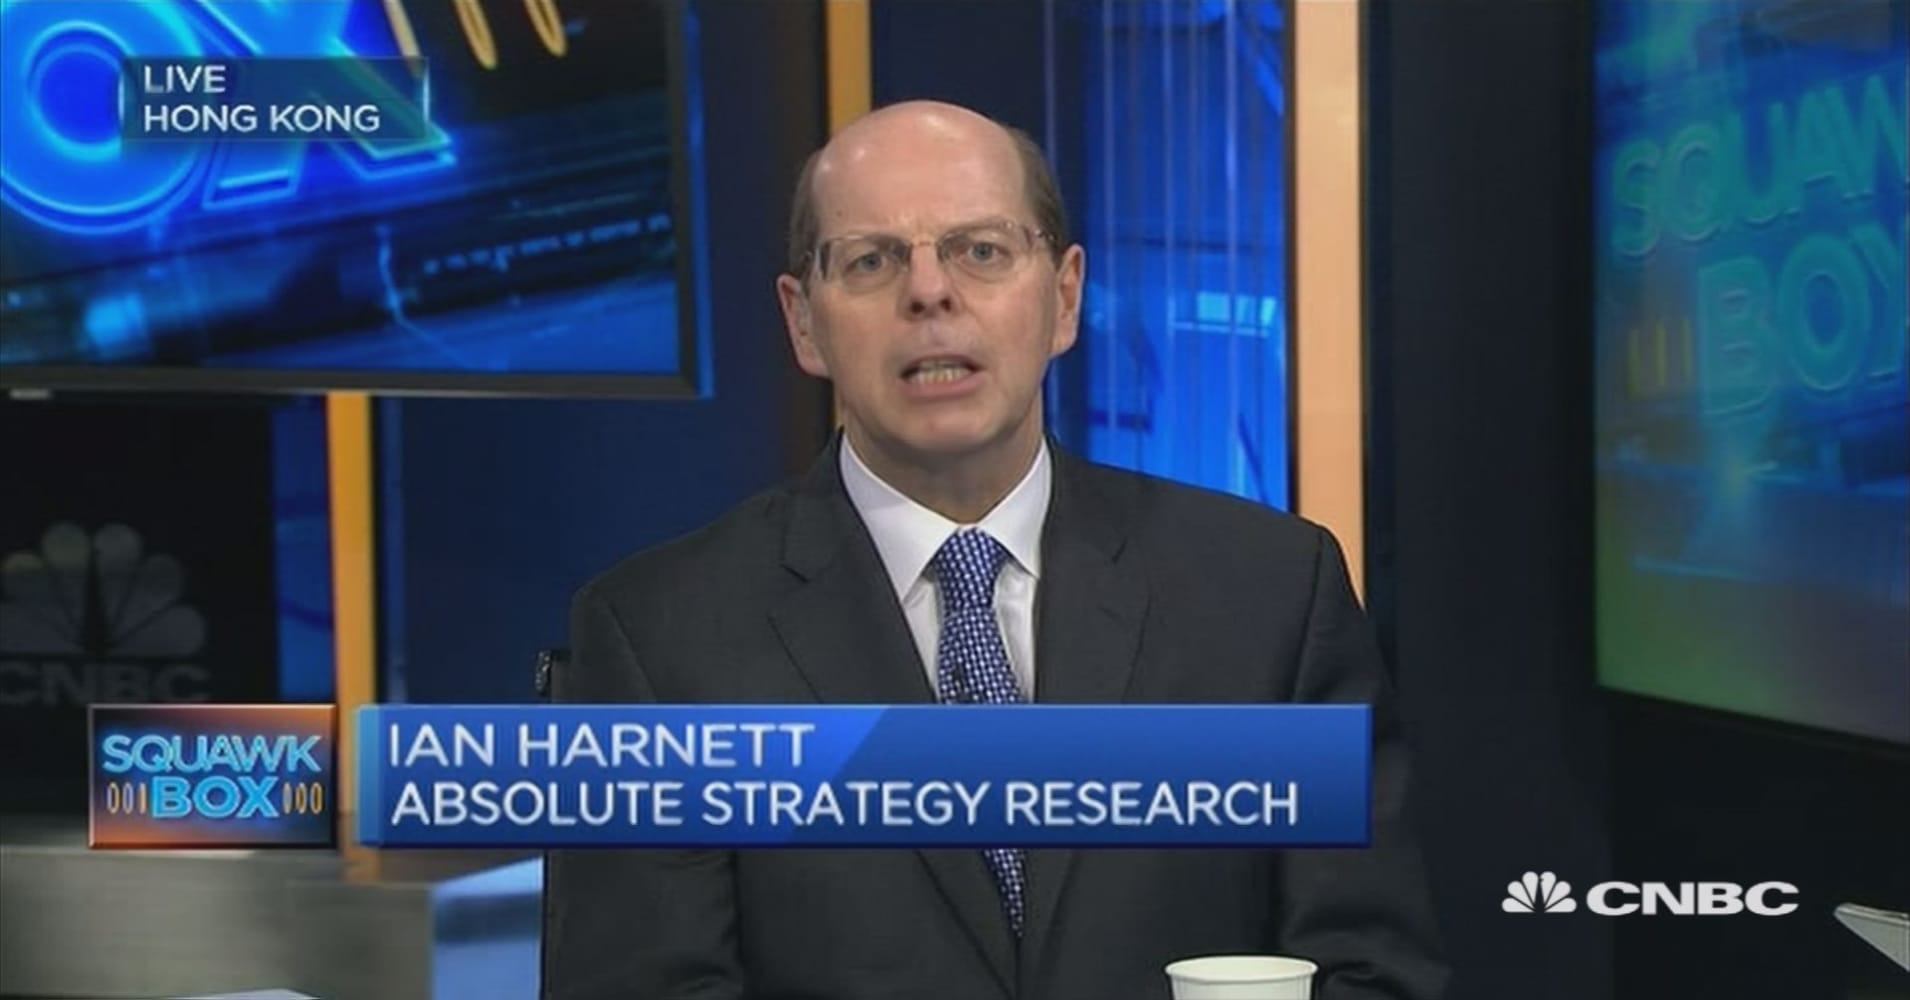 Αποτέλεσμα εικόνας για Ian Harnett της Absolute Strategy Research